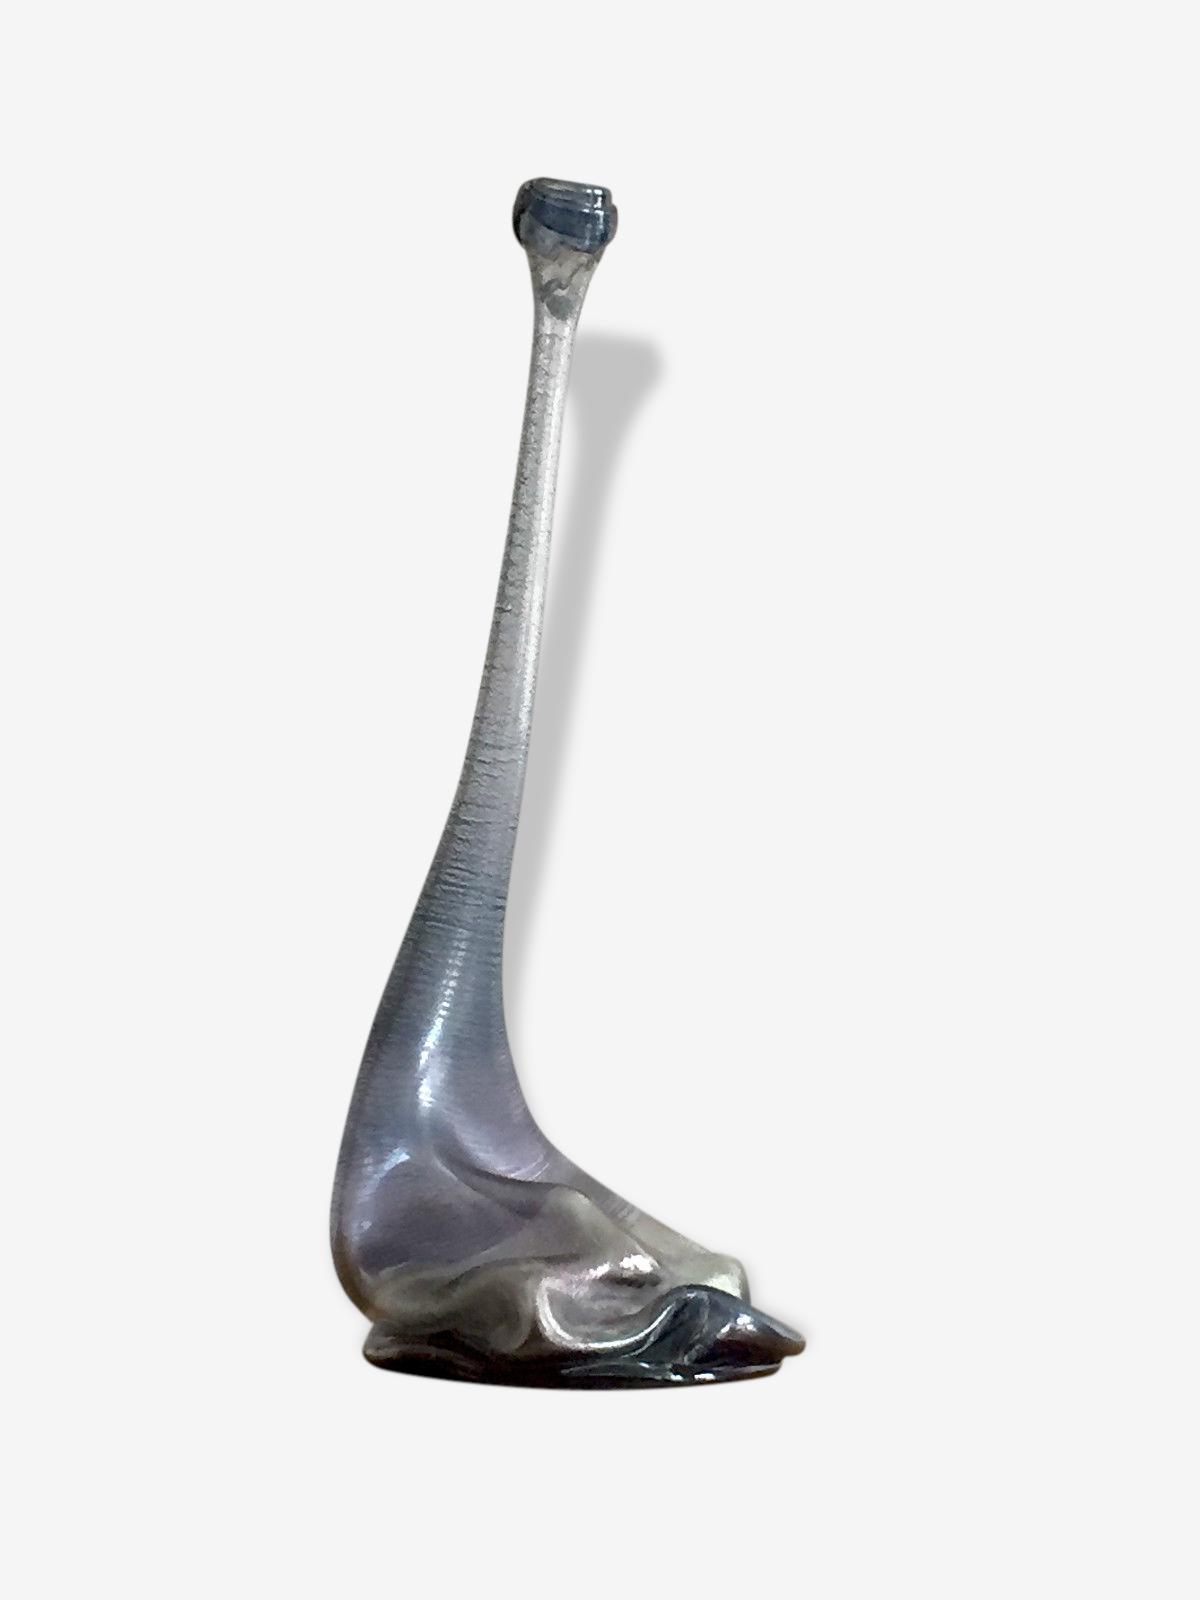 Vase sculpture forme libre moderniste signé Dusterhaus